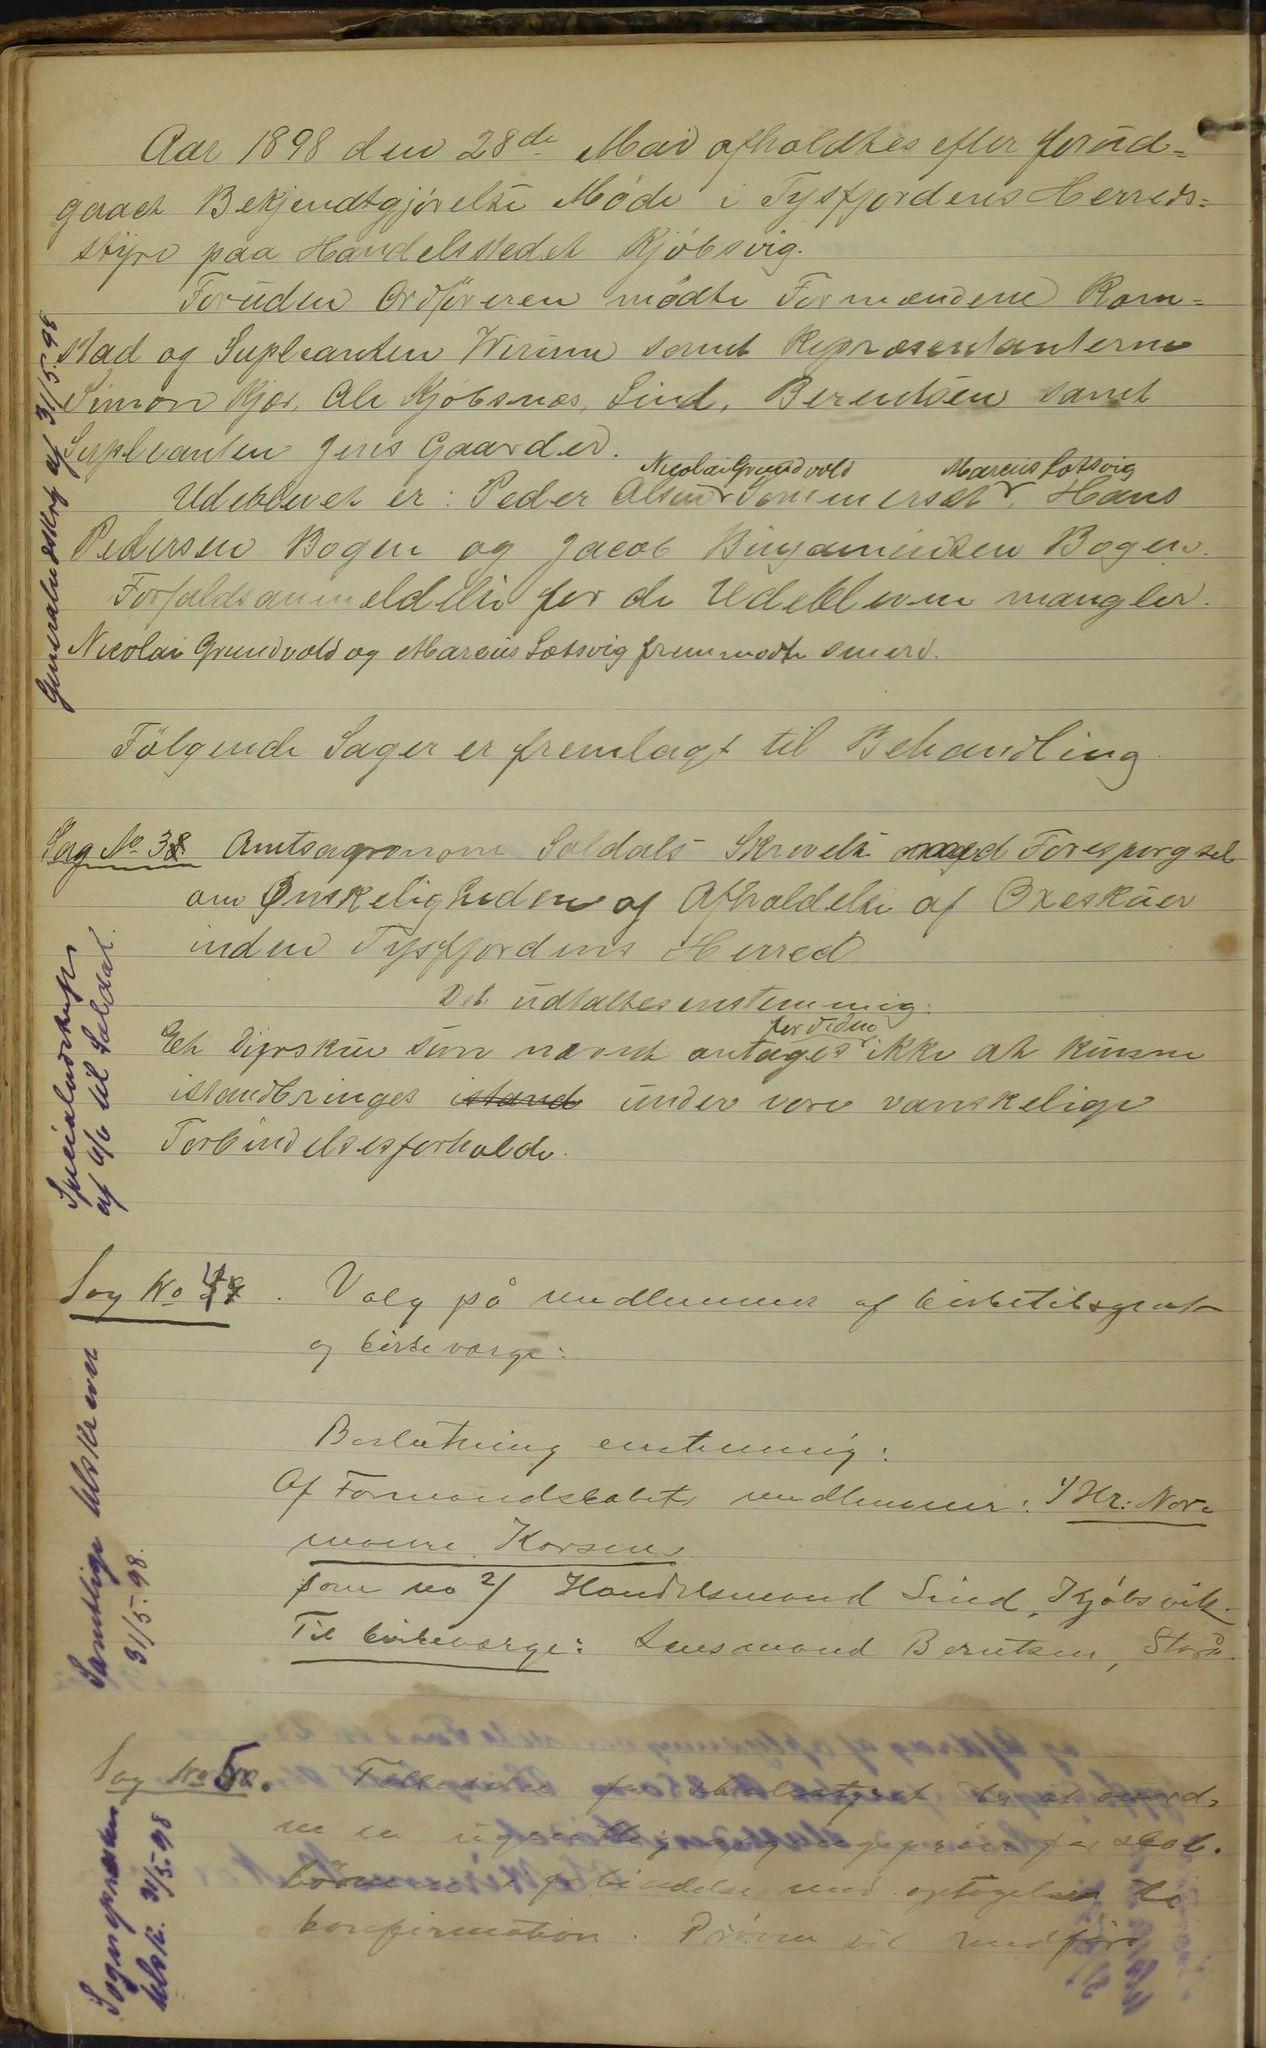 AIN, Tysfjord kommune. Formannskapet, 100/L0002: Forhandlingsprotokoll for Tysfjordens formandskap, 1895-1912